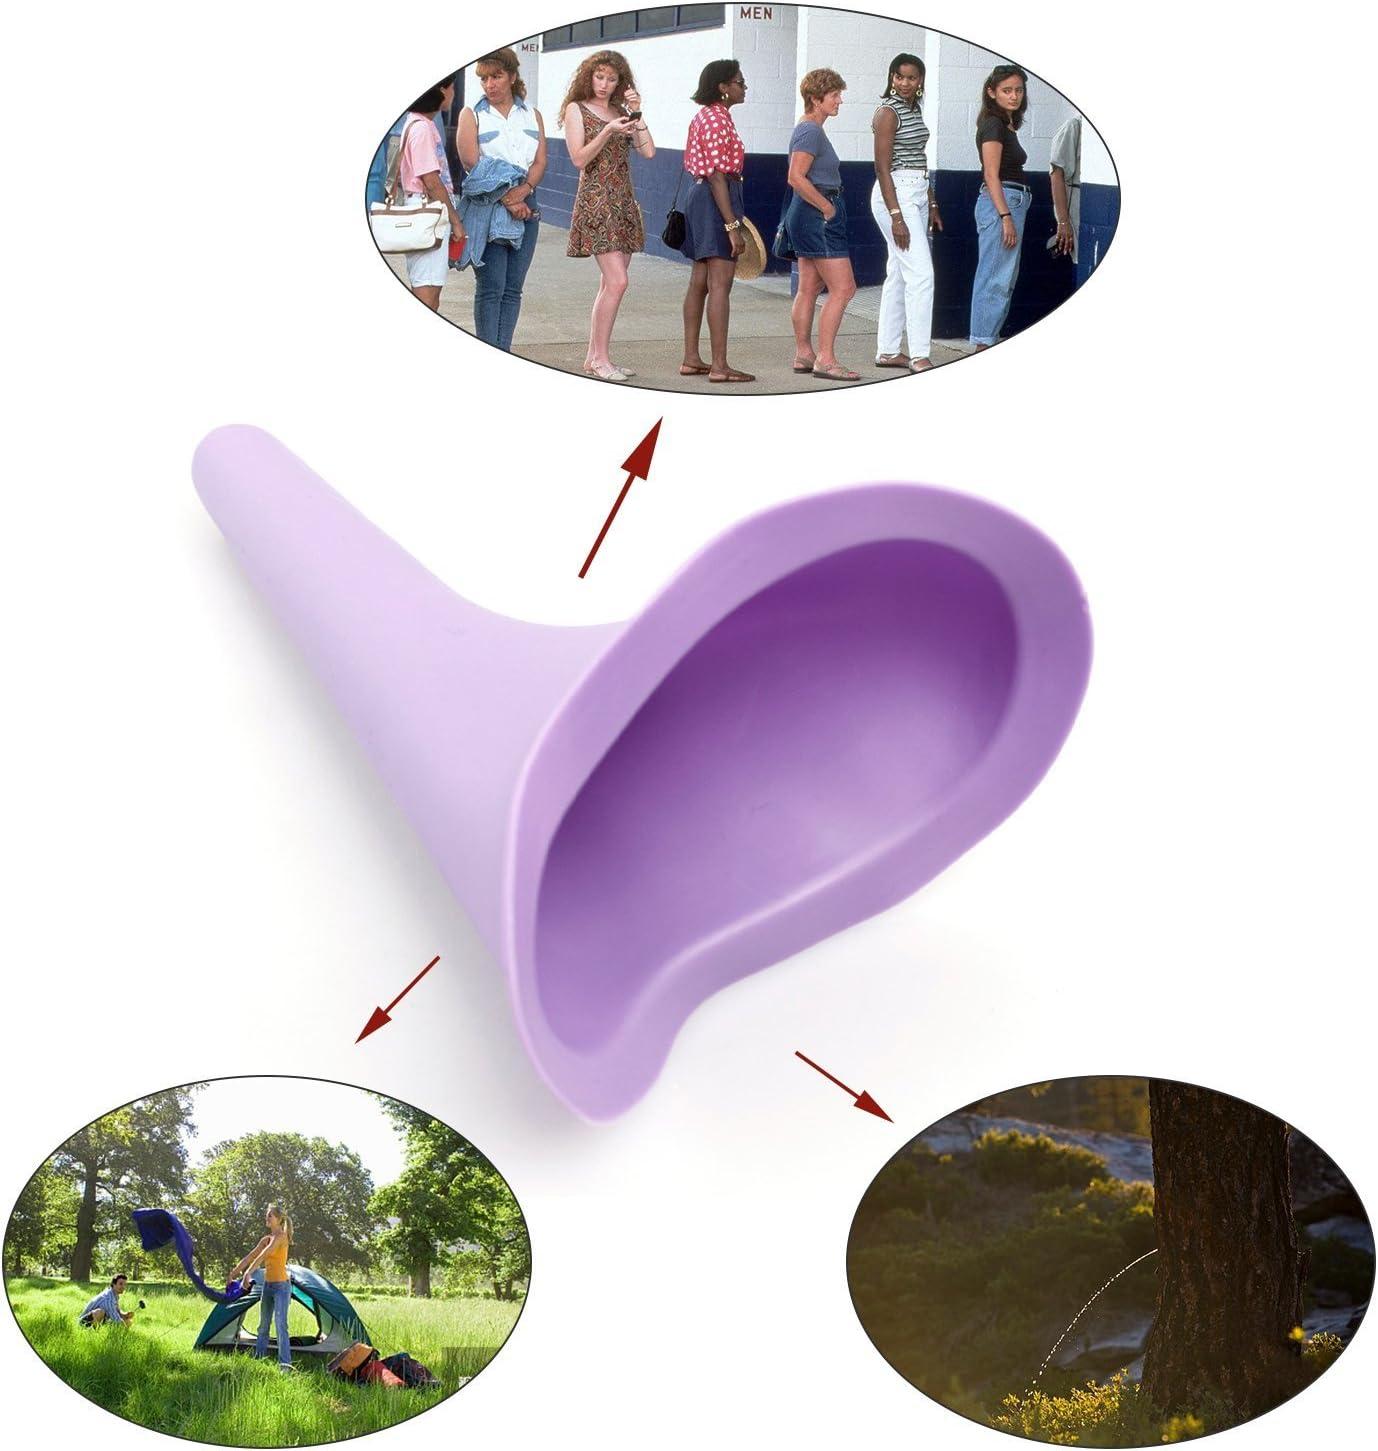 urinoir portable voyage de camping WC ; lot de 4 Dispositif de miction pour femme urinoir l/éger en silicone pour femme pour voyage ext/érieur